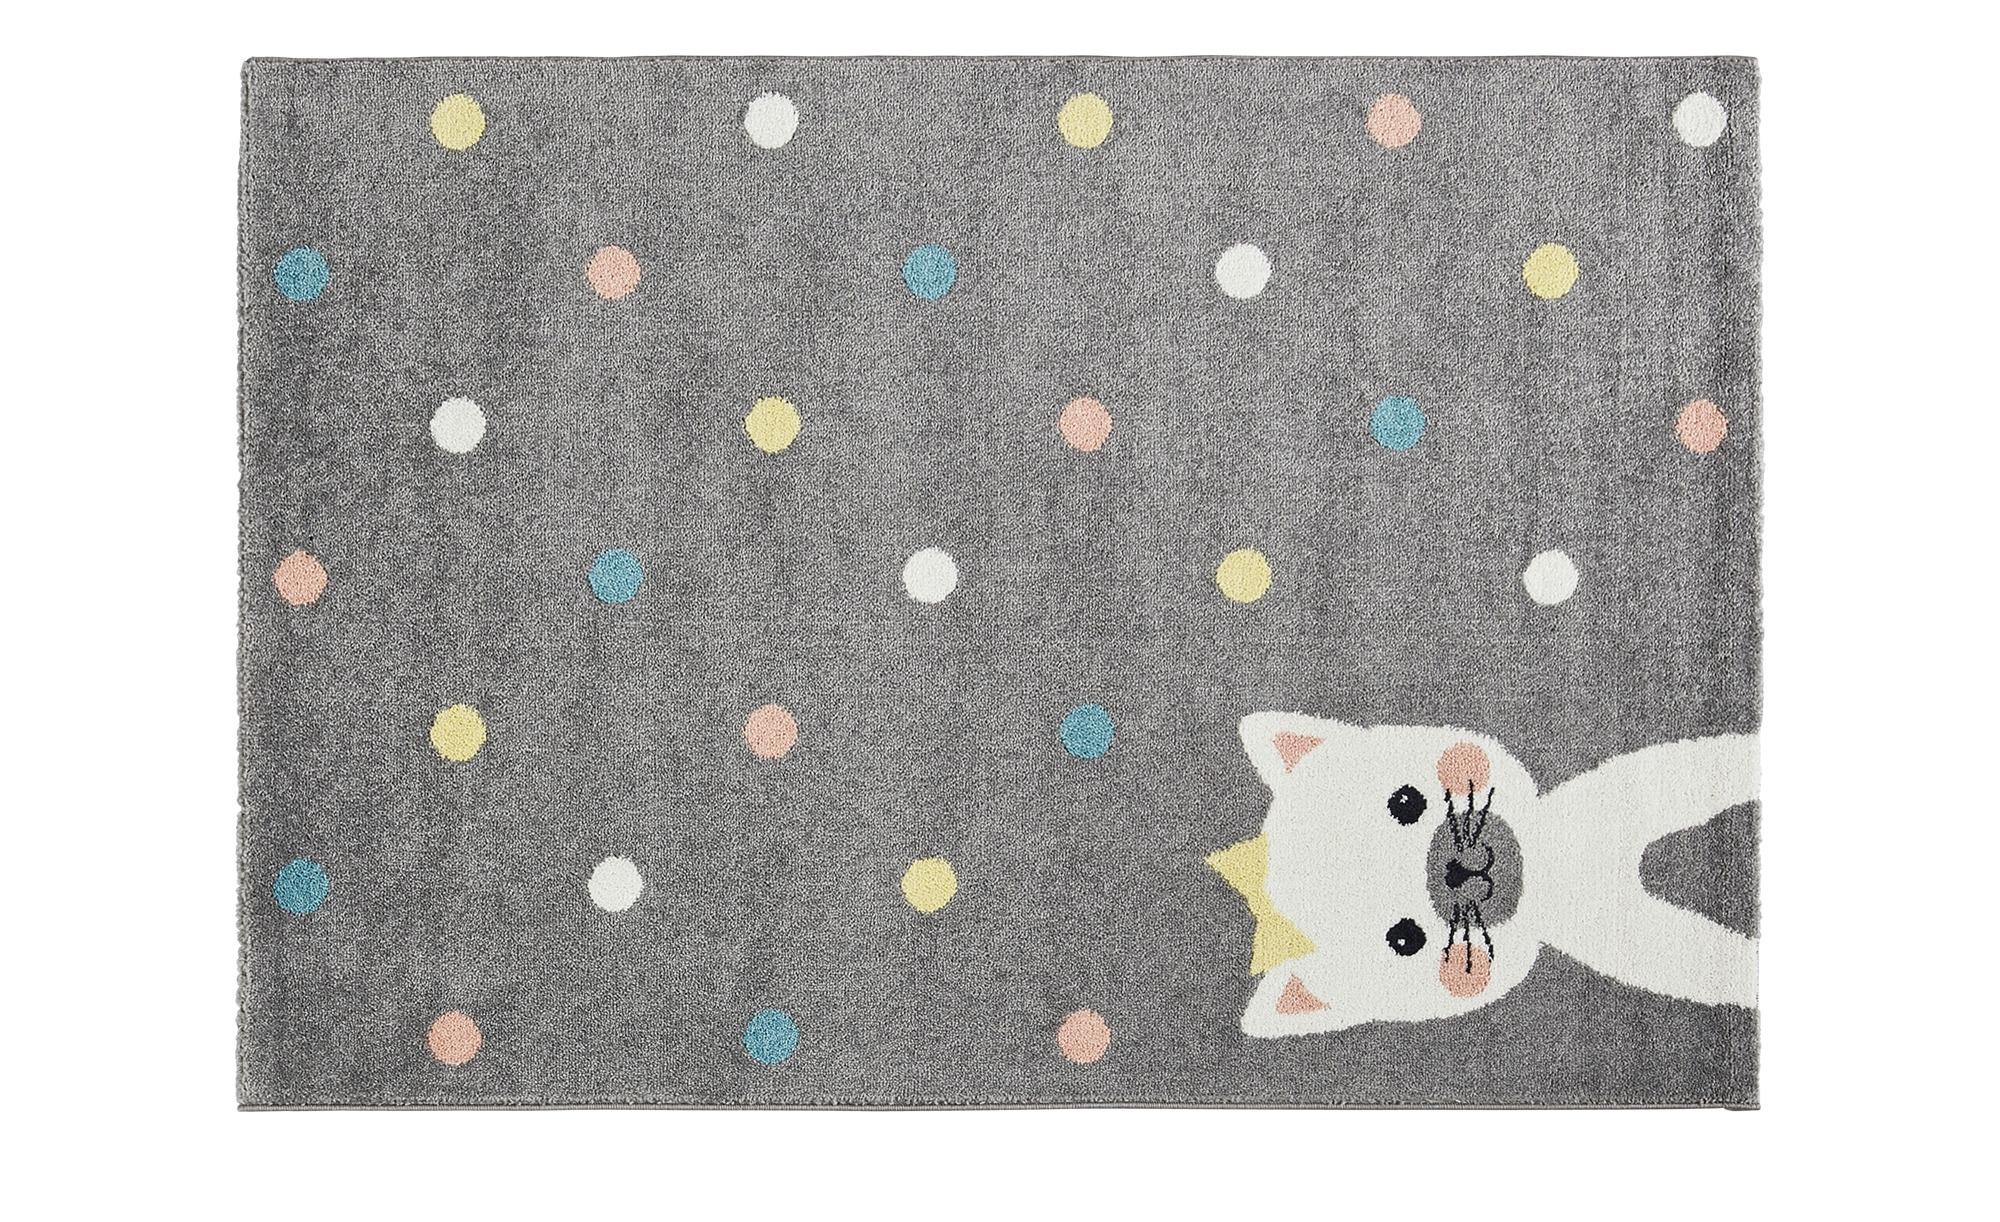 Uups Kinderteppich  Miau - grau - 100% Polypropylen - 120 cm - Dekoration > Geschenkartikel > Geschenke für Bodenschatz-Sucher - Möbel Kraft | Kinderzimmer > Kinderzimmerdekoration | Uups